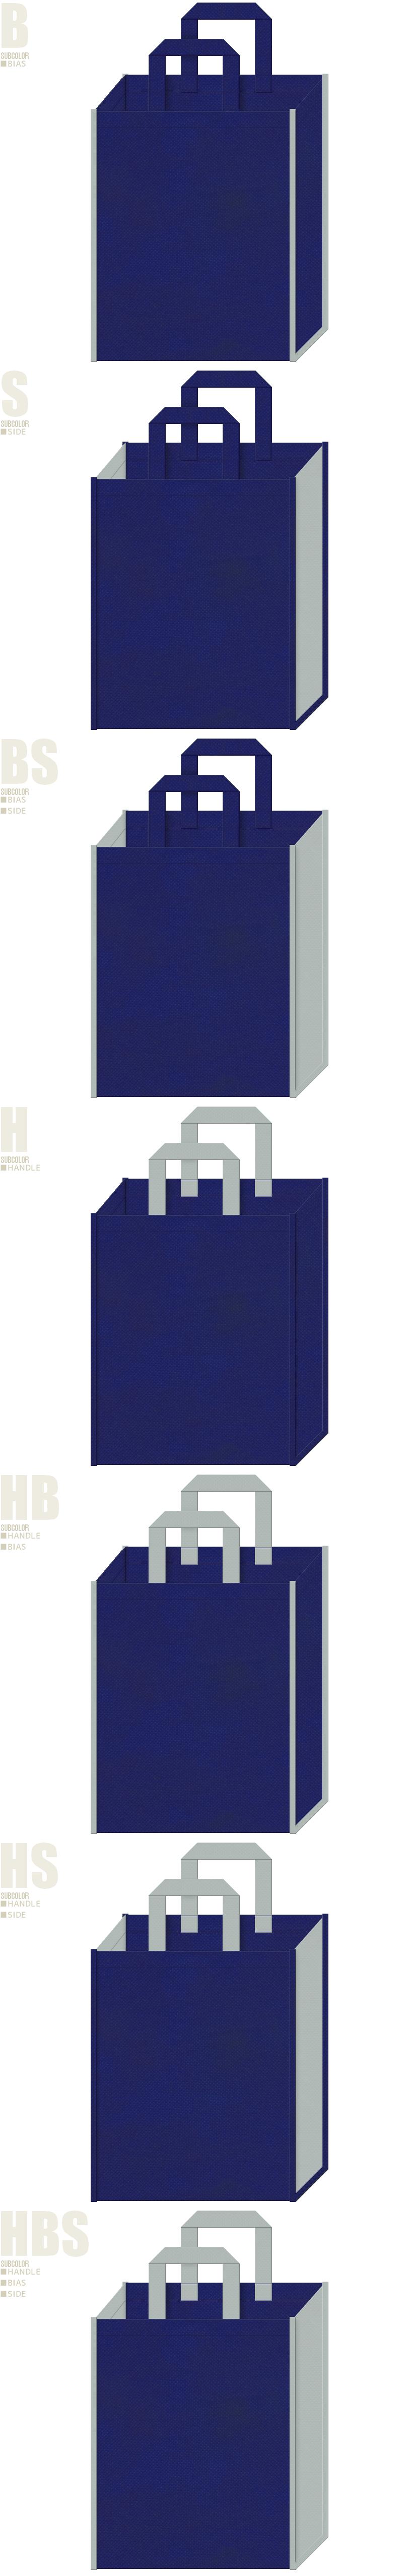 明るい紺色とグレー色の不織布バッグデザイン:配色7パターン